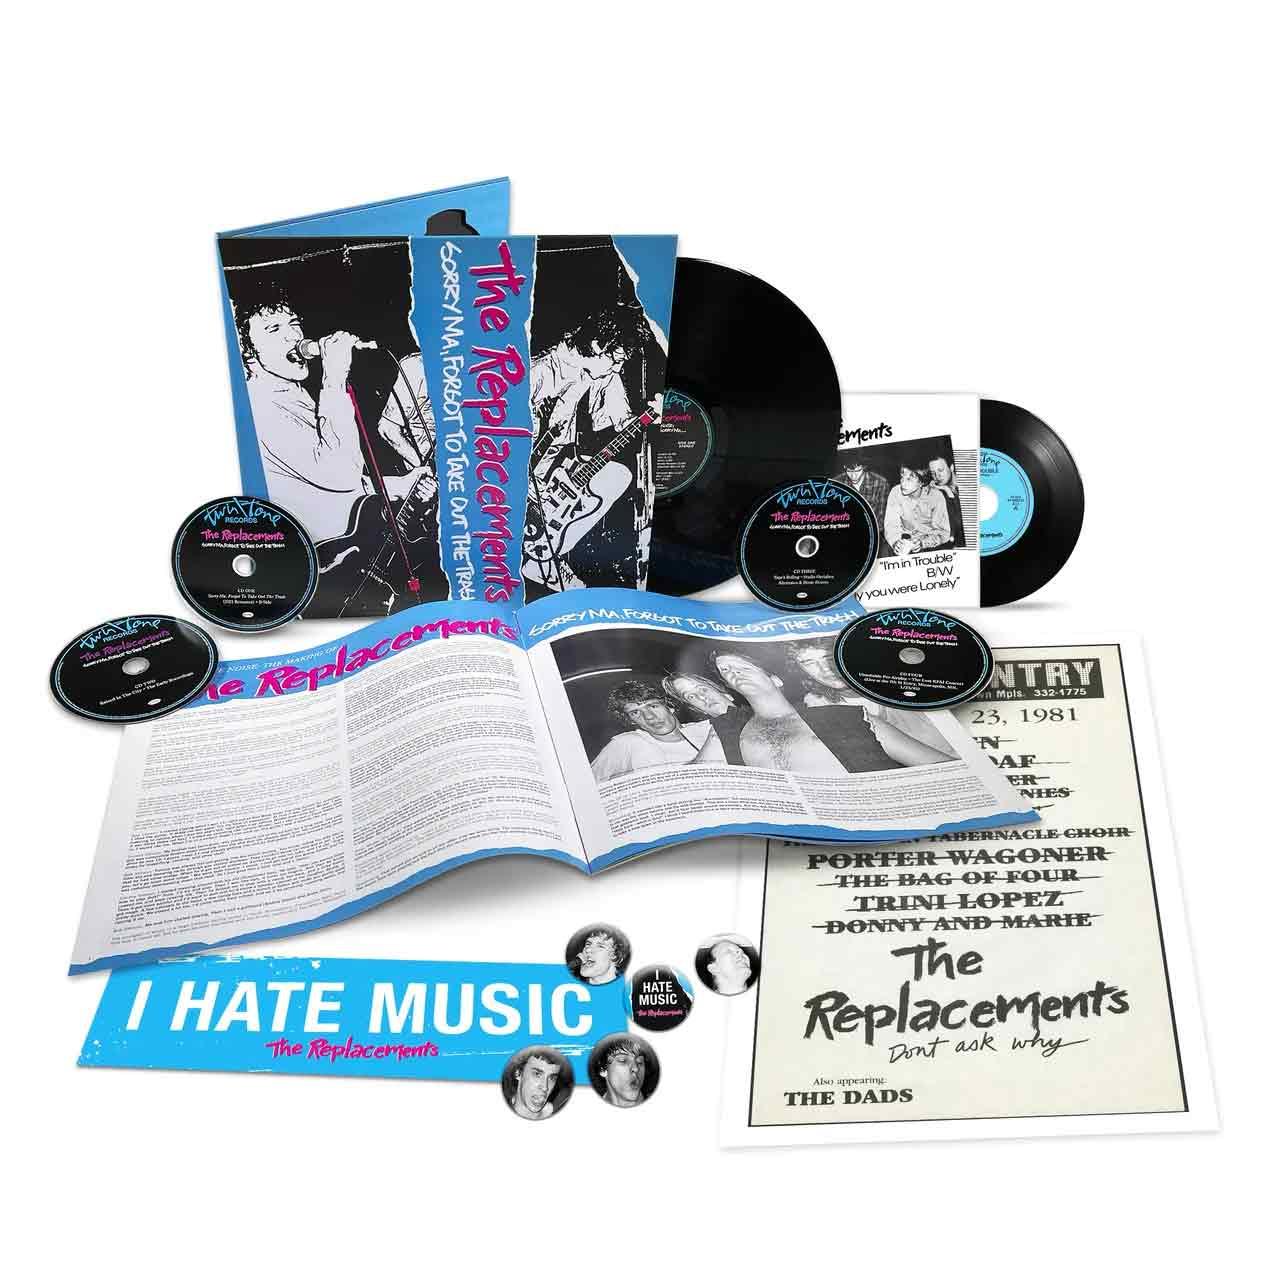 La edición aniversario de Sorry, Ma Forgot To Take Out The Trash, disco de The Replacements